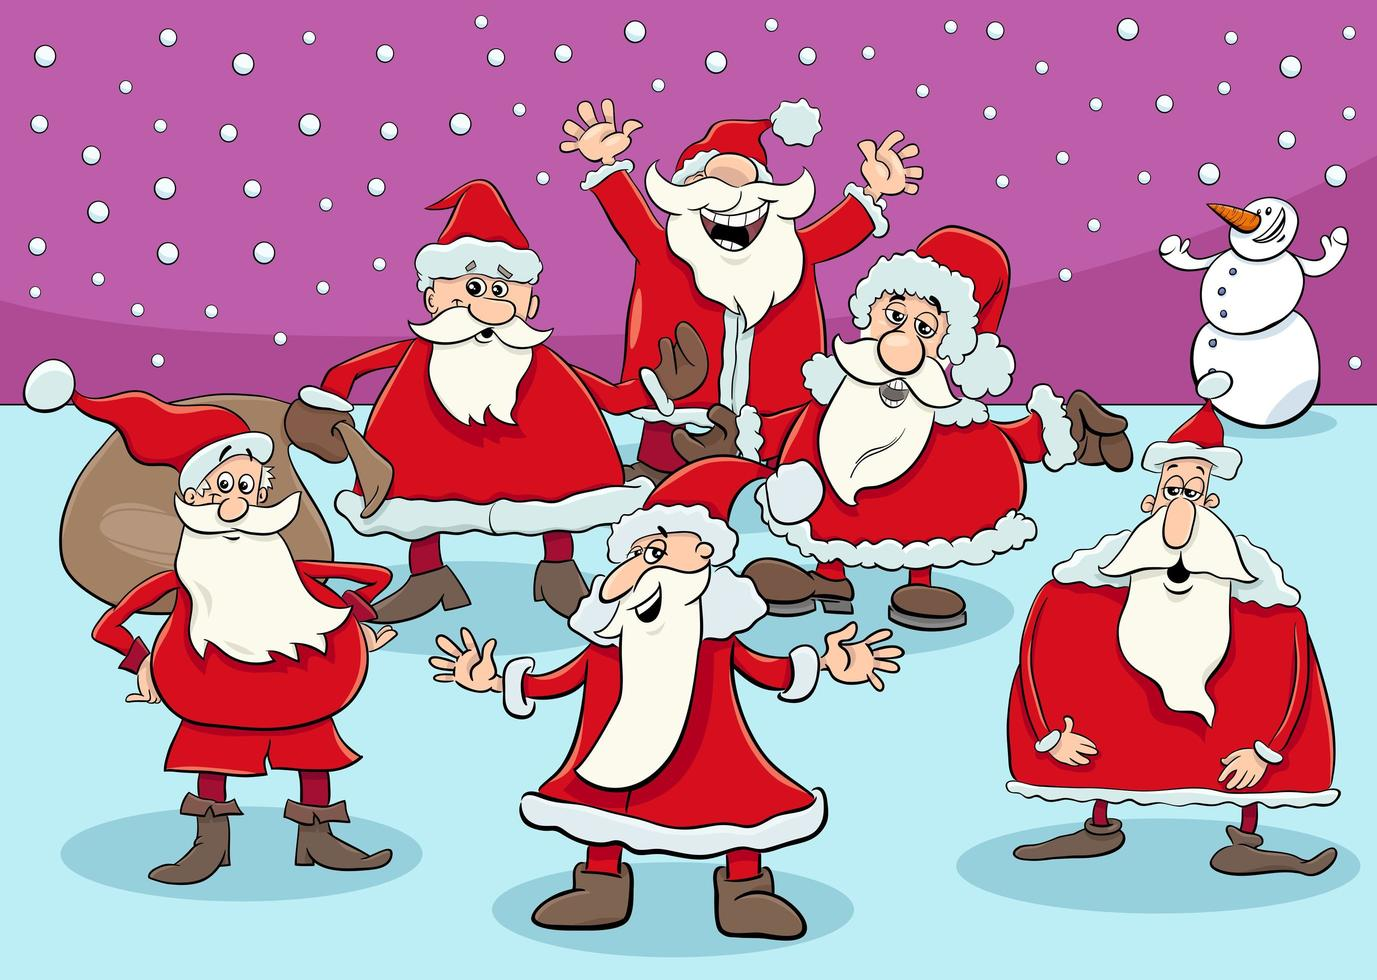 grupo de santa claus en navidad vector